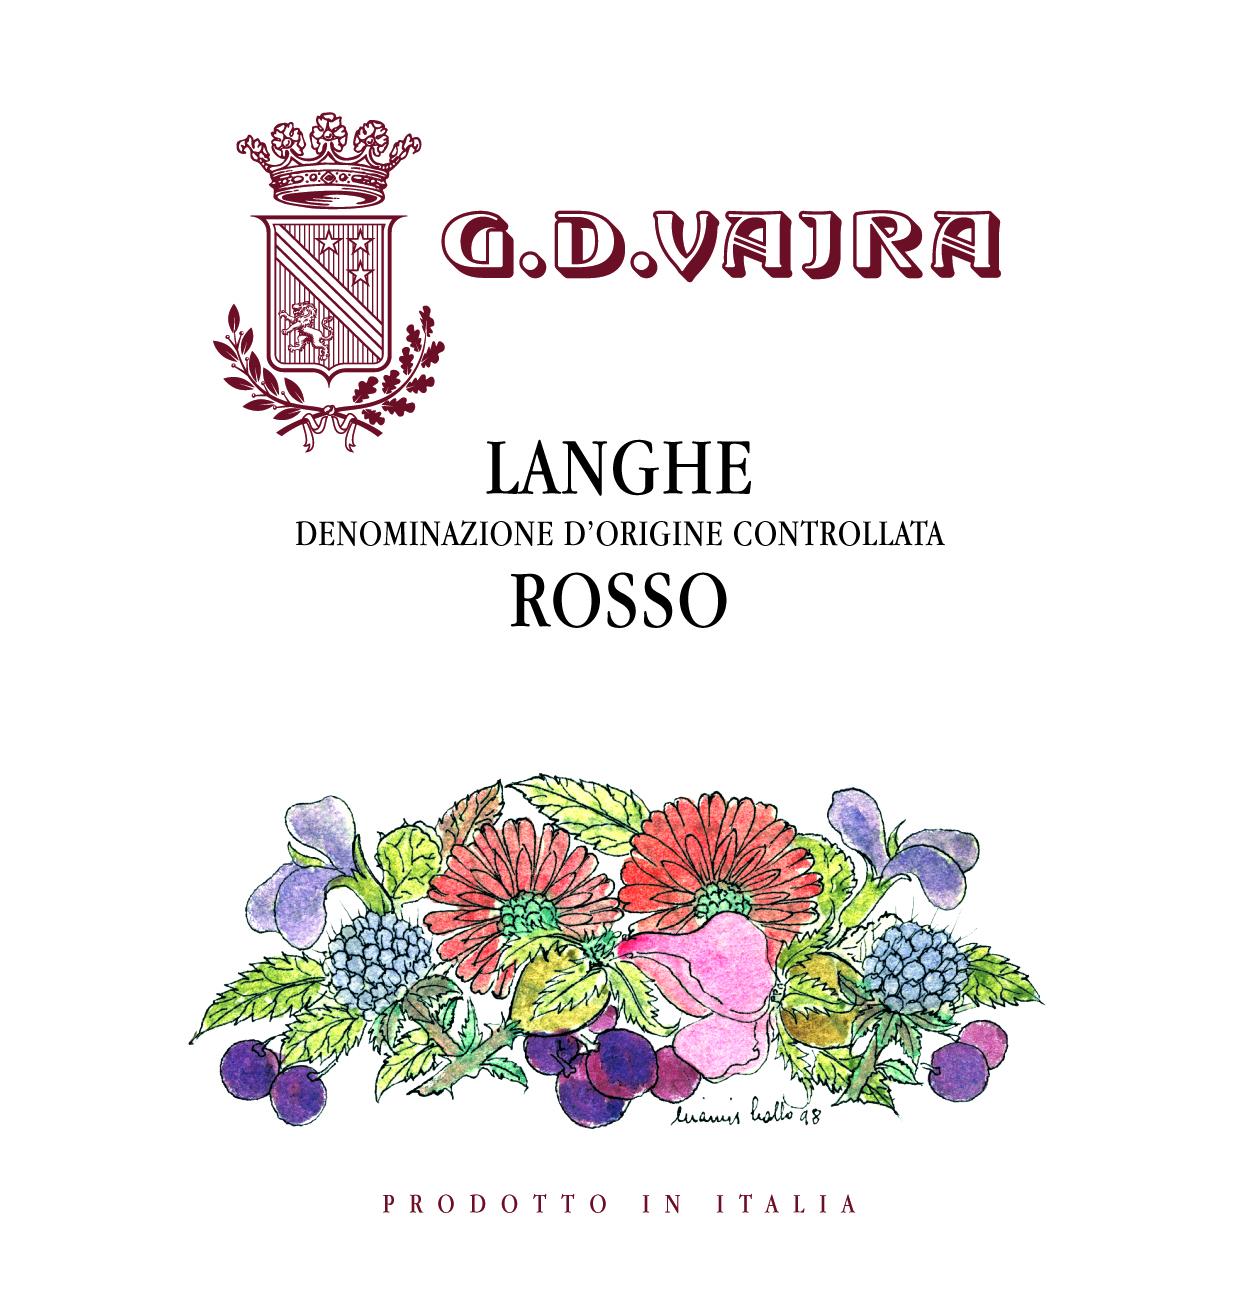 2017 Langhe Rosso DOC,G.D.Vajra